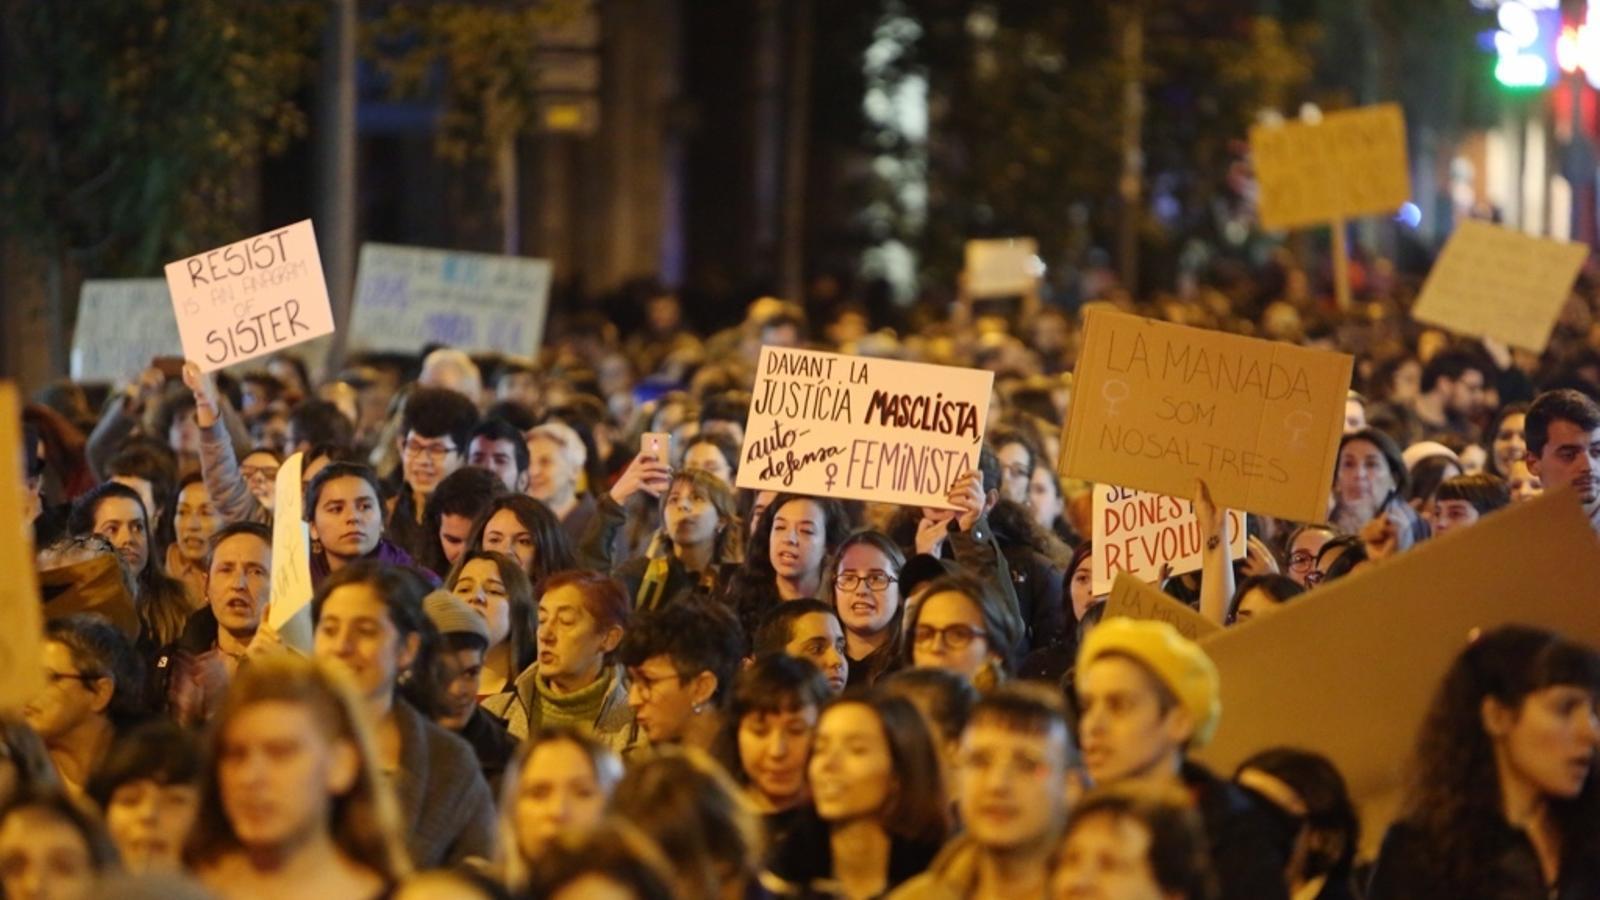 La manifestació contra el masclisme i la violència institucional aquest divendres a Barcelona